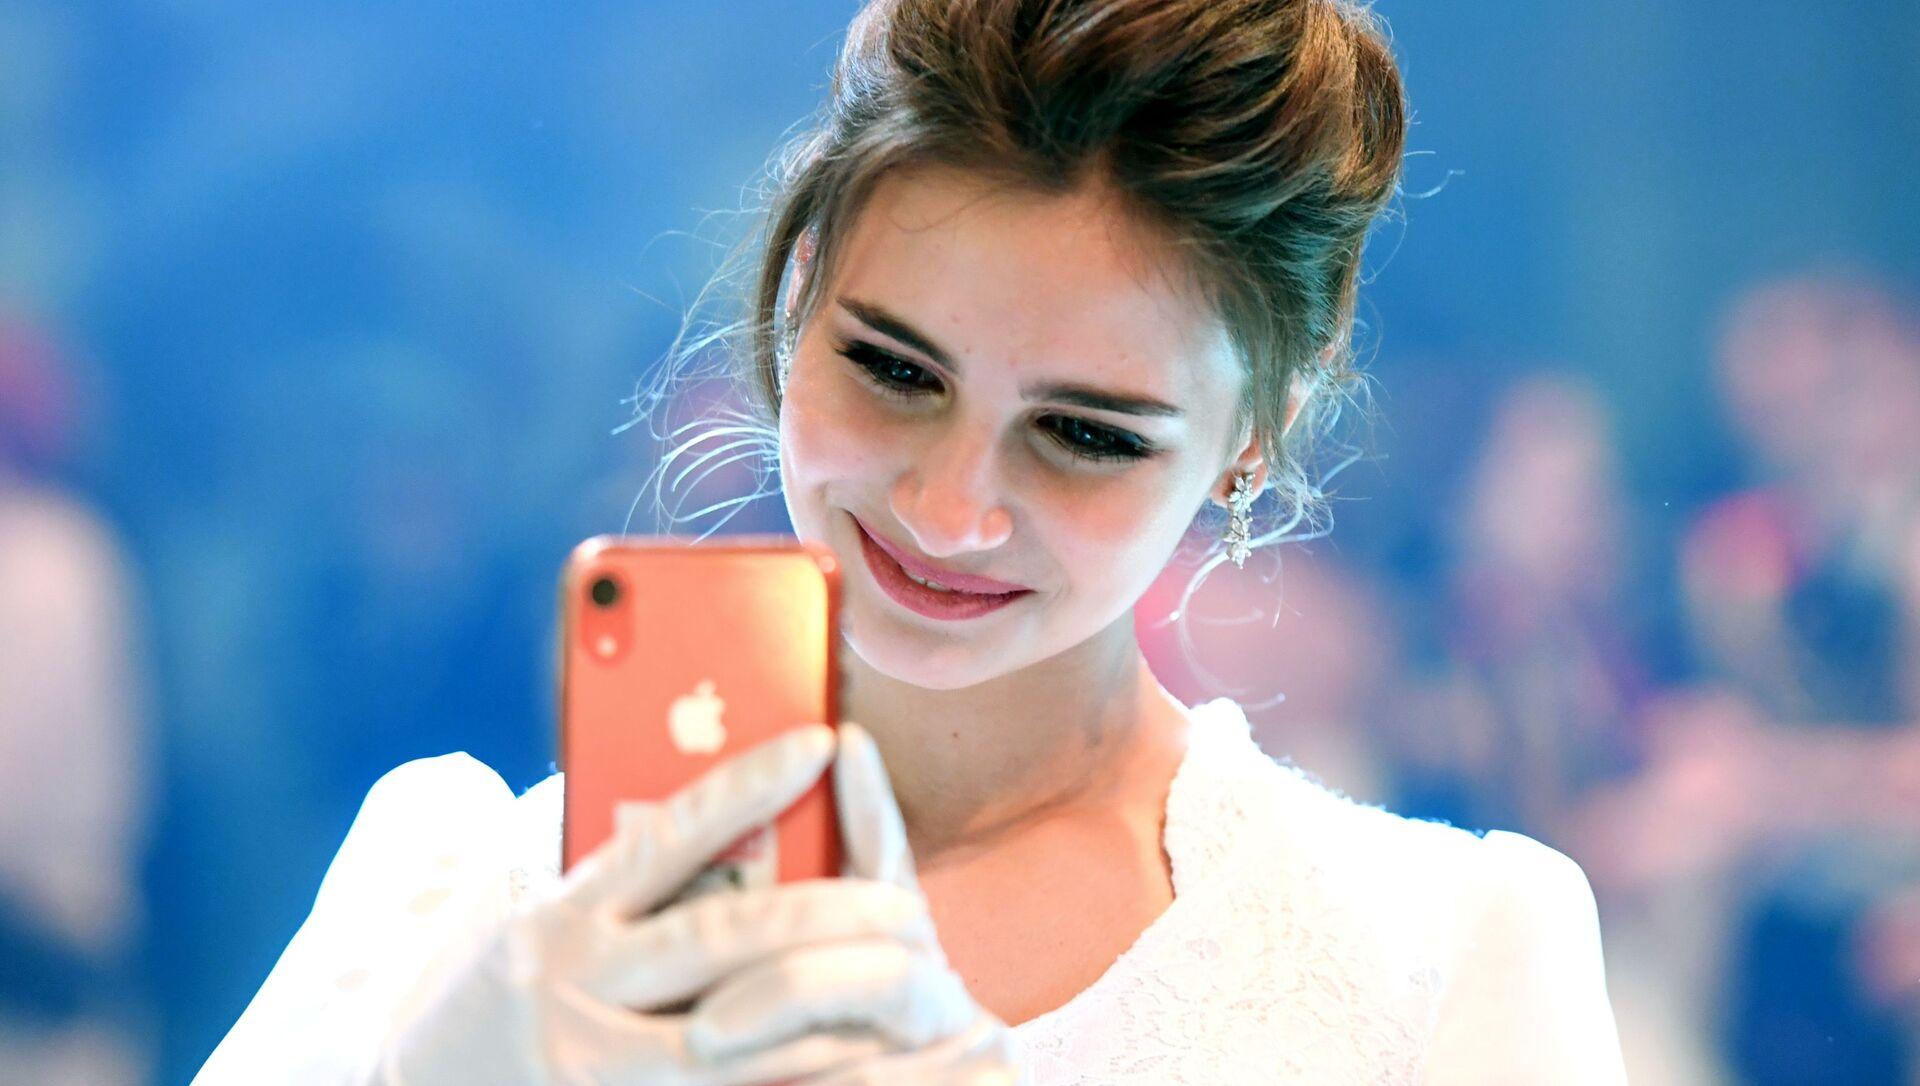 Una ragazza manda messaggi con lo smartphone - Sputnik Italia, 1920, 28.03.2021